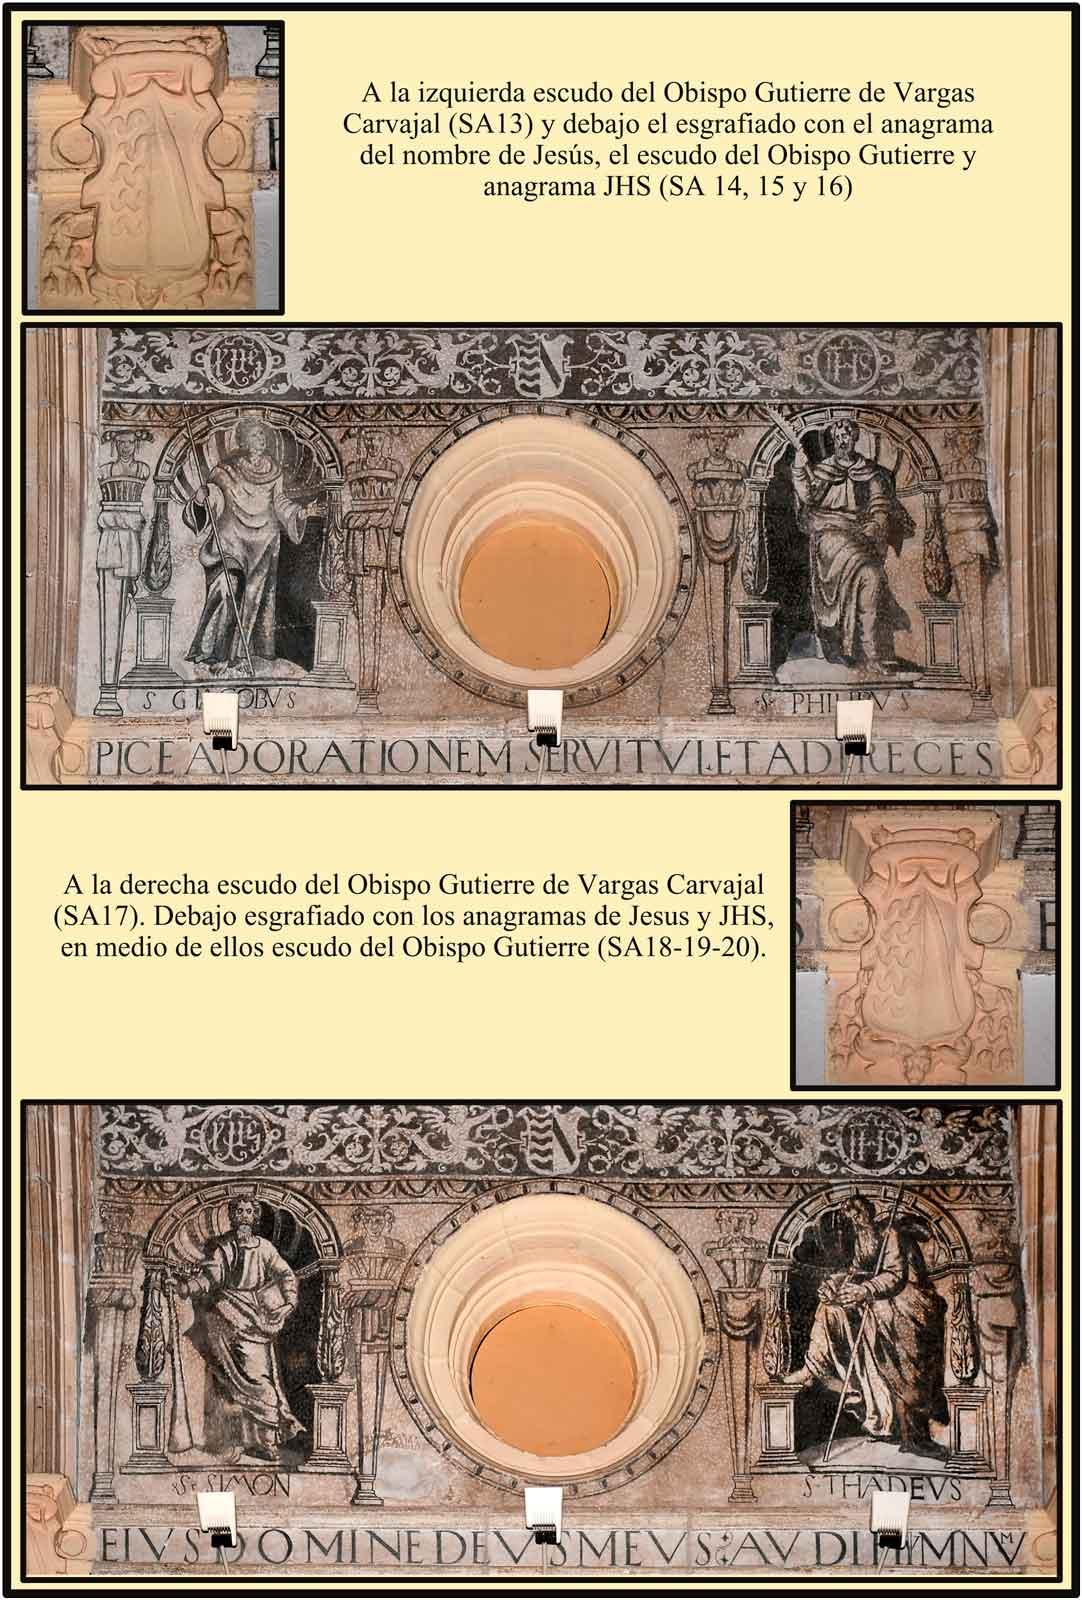 Santa Ana Anagramas de JHS y escudos del obispo Gutierre de Vargas Carvajal